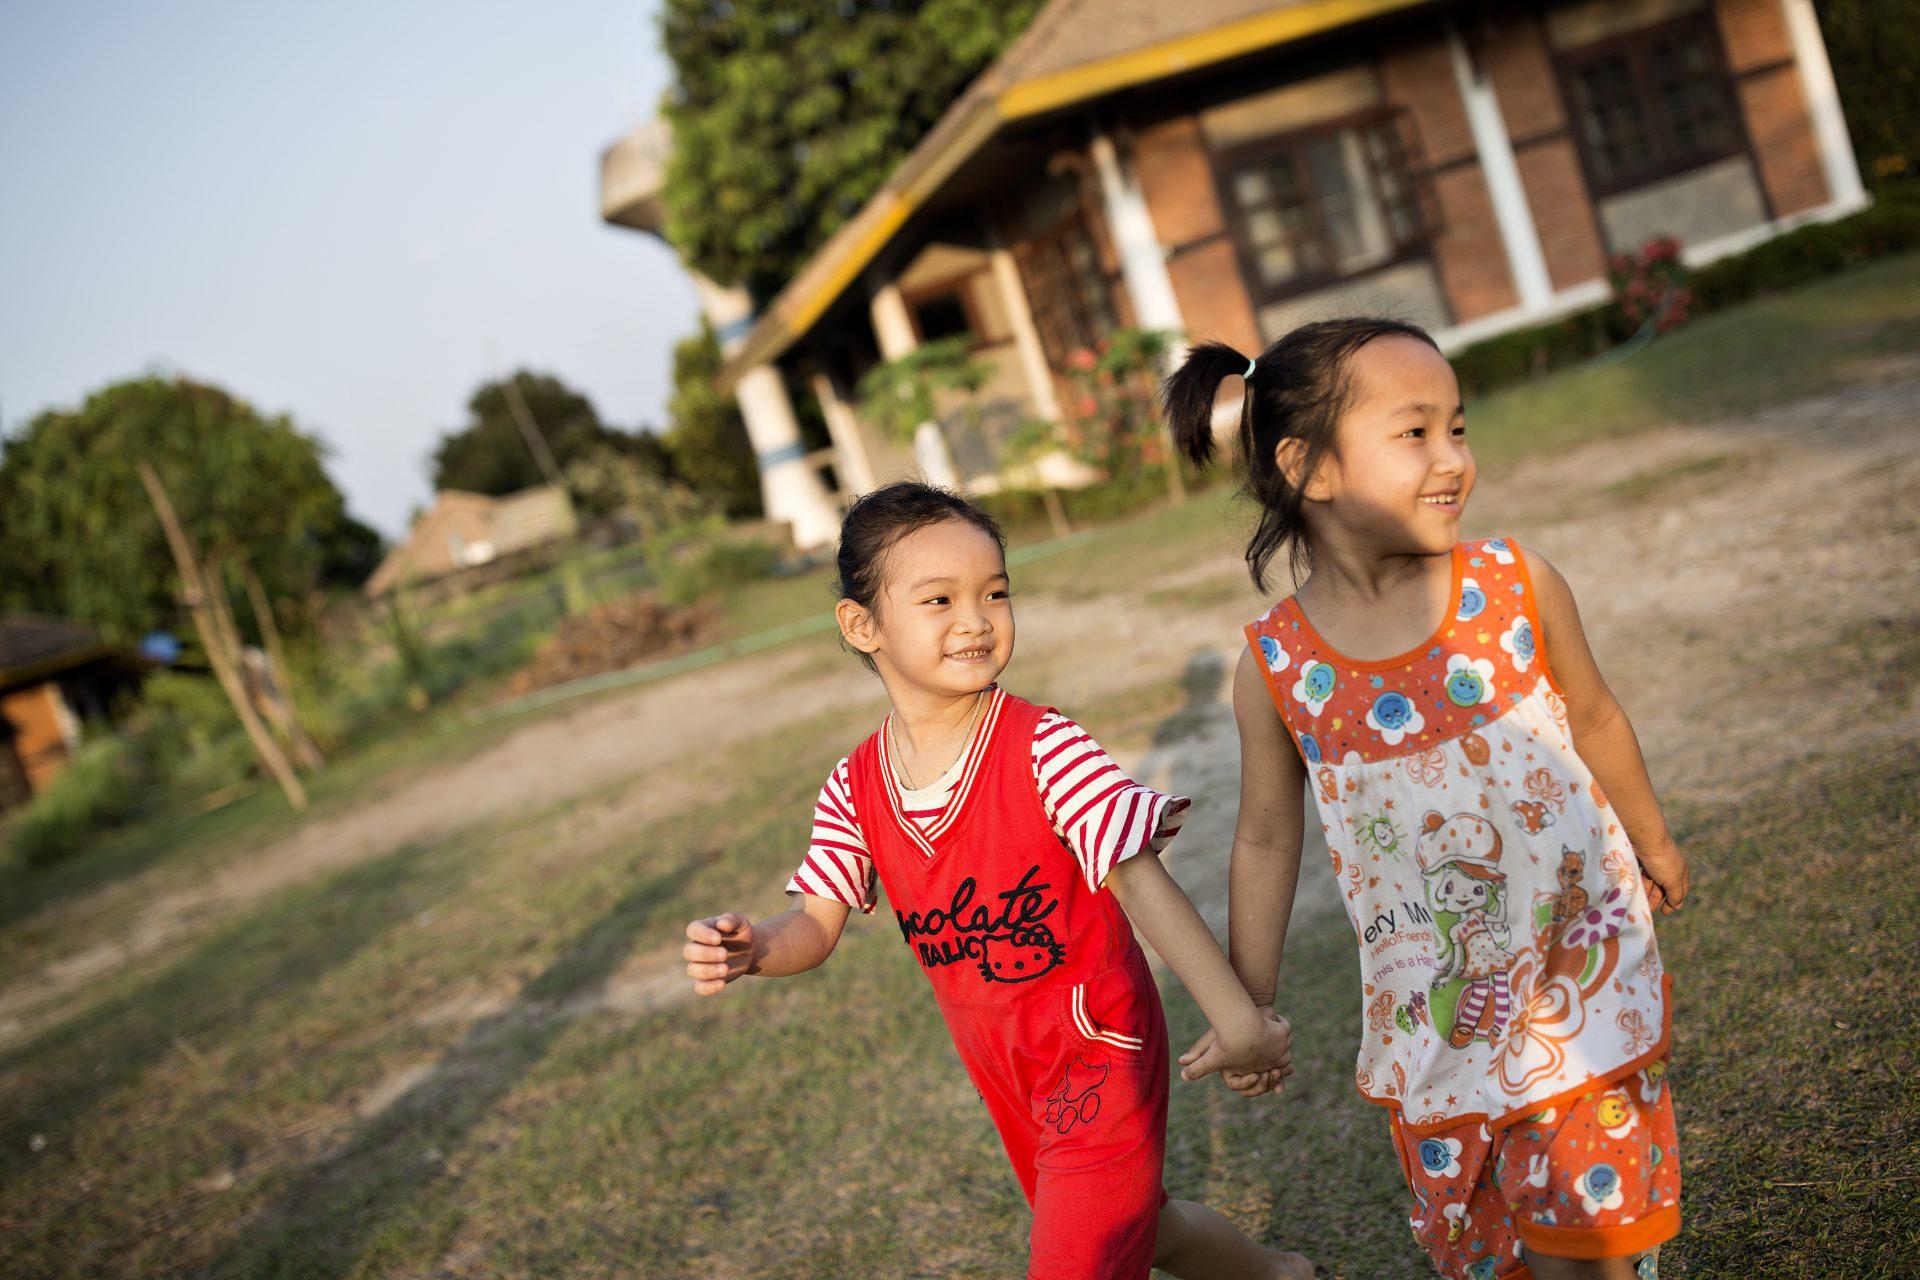 Årsrapport 2017: Godt 126 millioner kom fra faddere og faste bidragsydere i 2017. Her går to børn aftentur i børnebyen i Luang Prabang, Laos. Foto: Lars Just